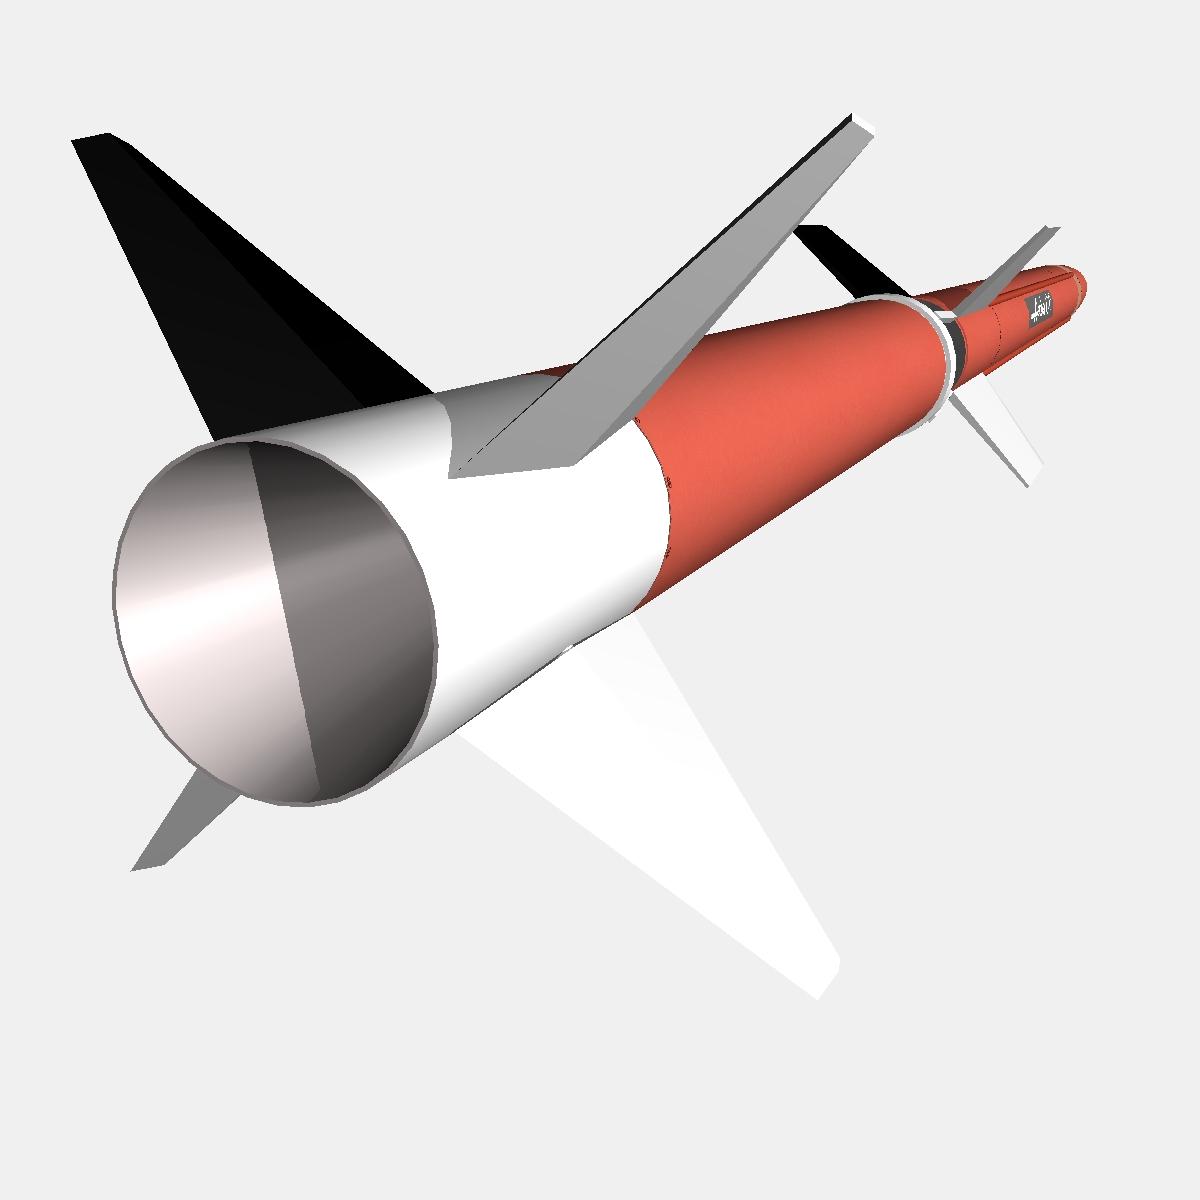 aerobee roicéad 170 3d múnla 3ds dxf fbx cumasc cob dae x obj 166041